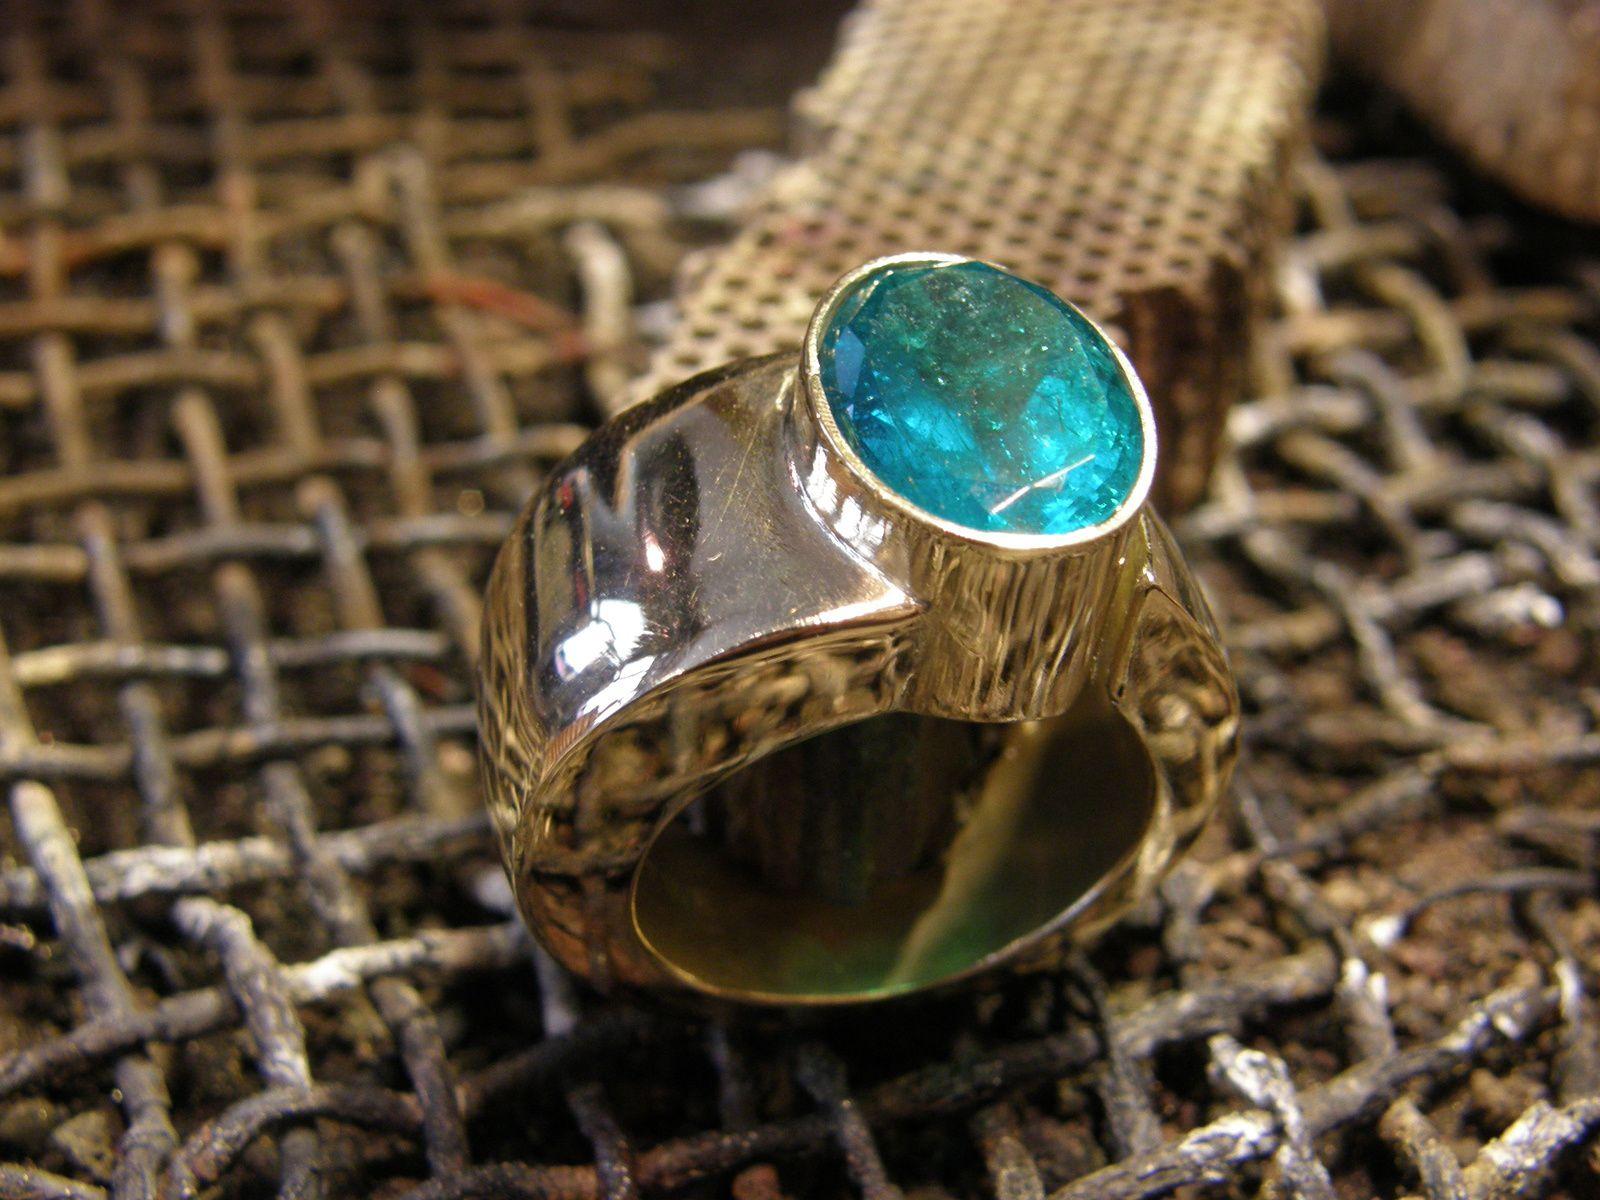 Bague spirale en or et emeraude&#x3B; faite main&#x3B; piece unique.